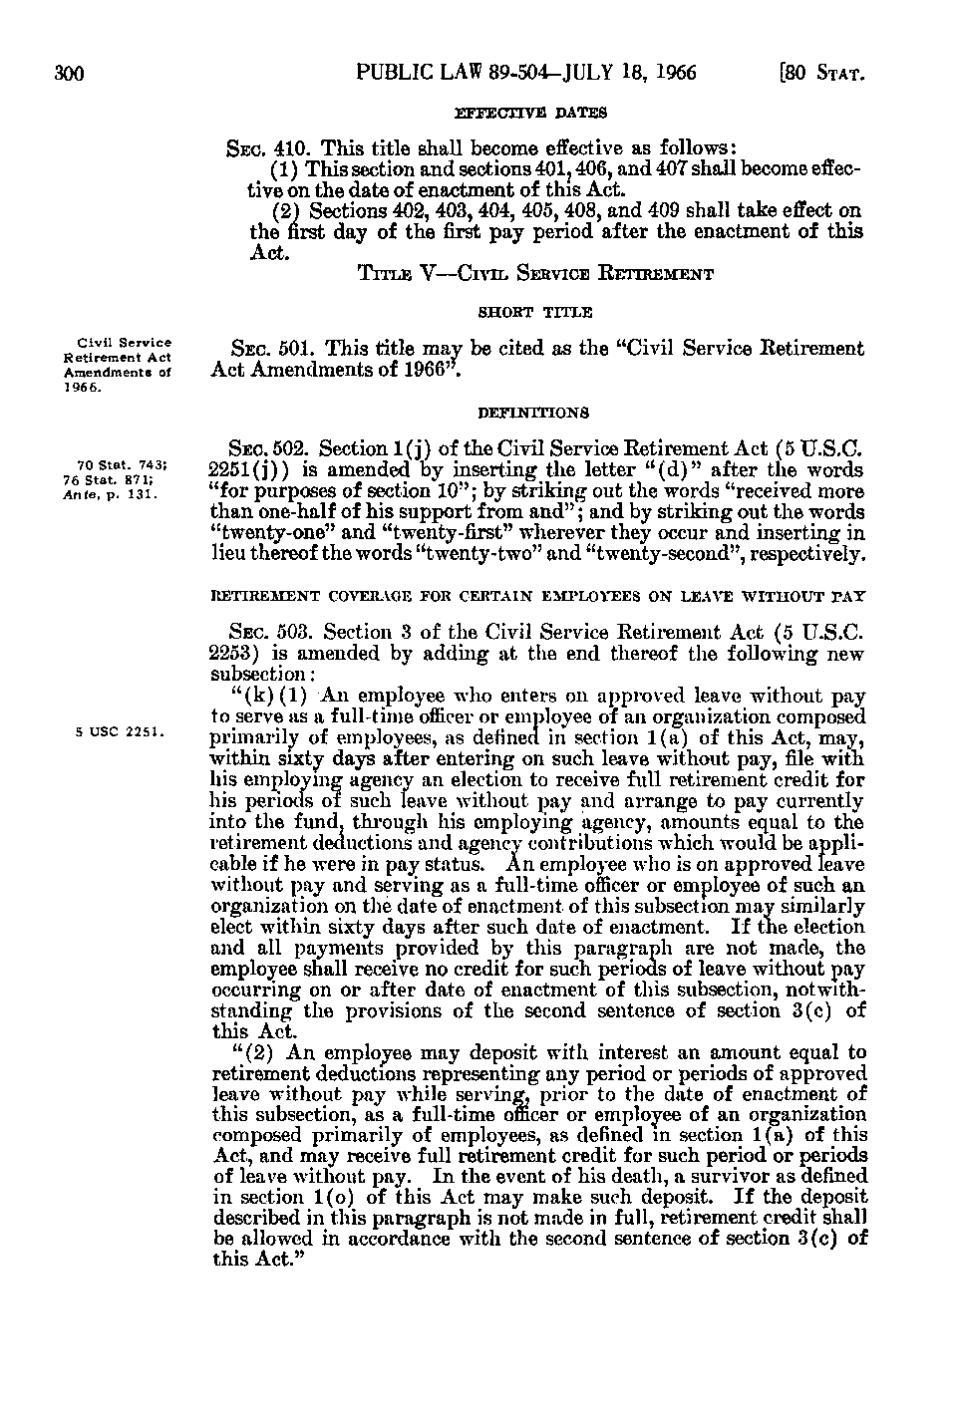 page united states statutes at large volume 80 part 1 djvu 336